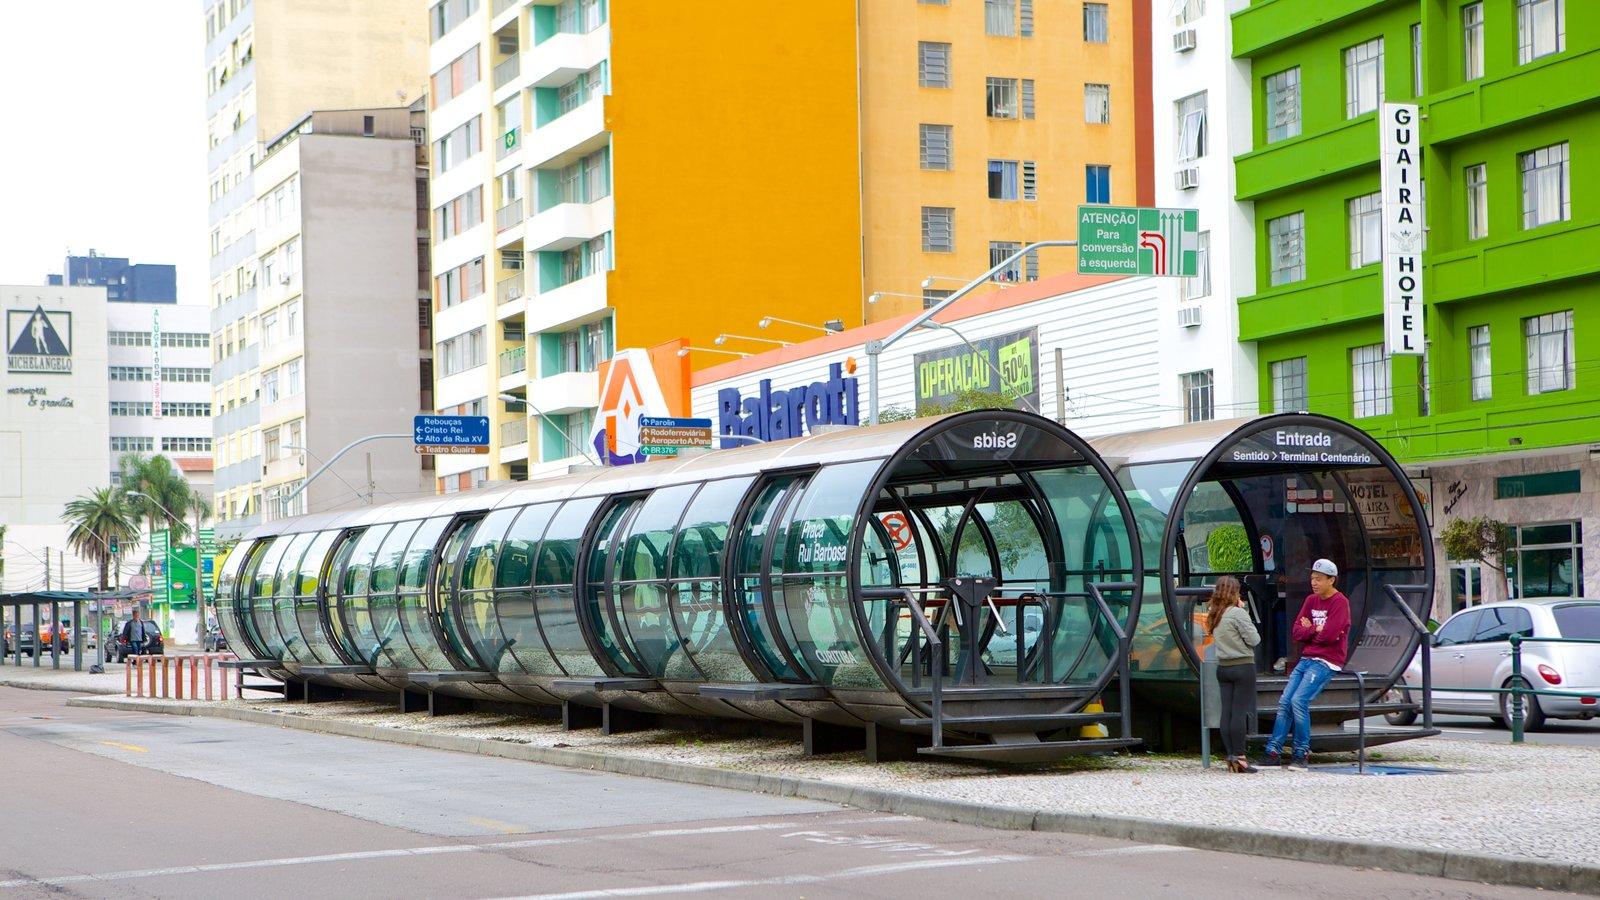 Curitiba mostrando uma cidade, cenas de rua e arquitetura moderna